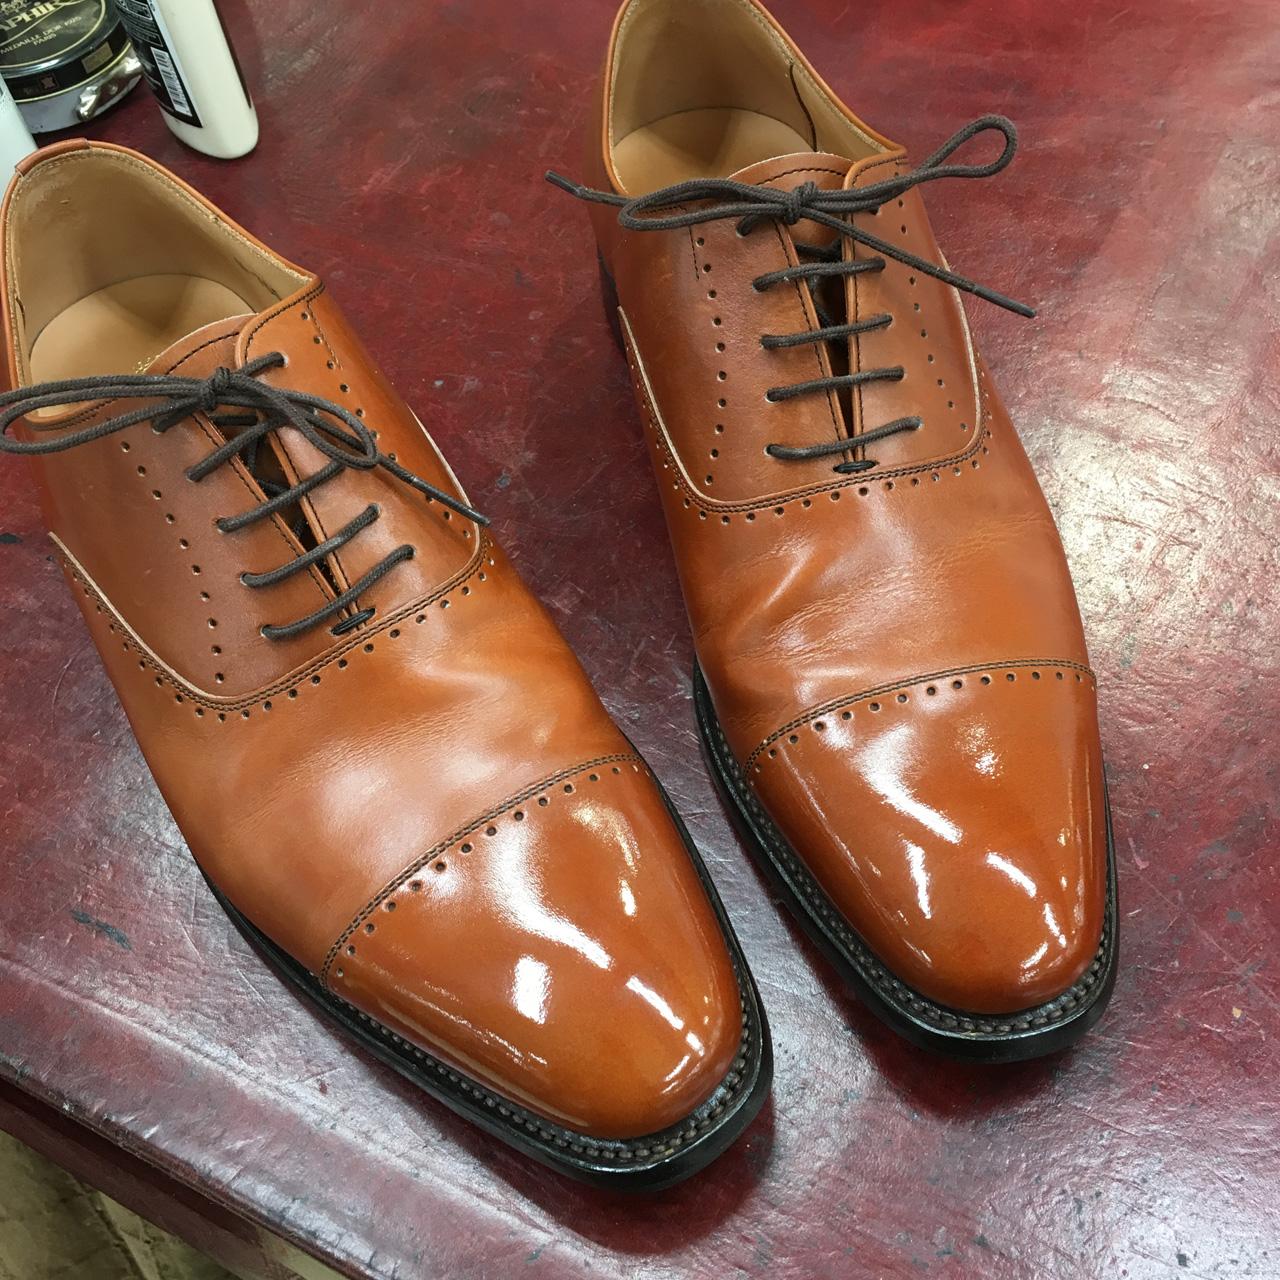 靴紐の結び方について